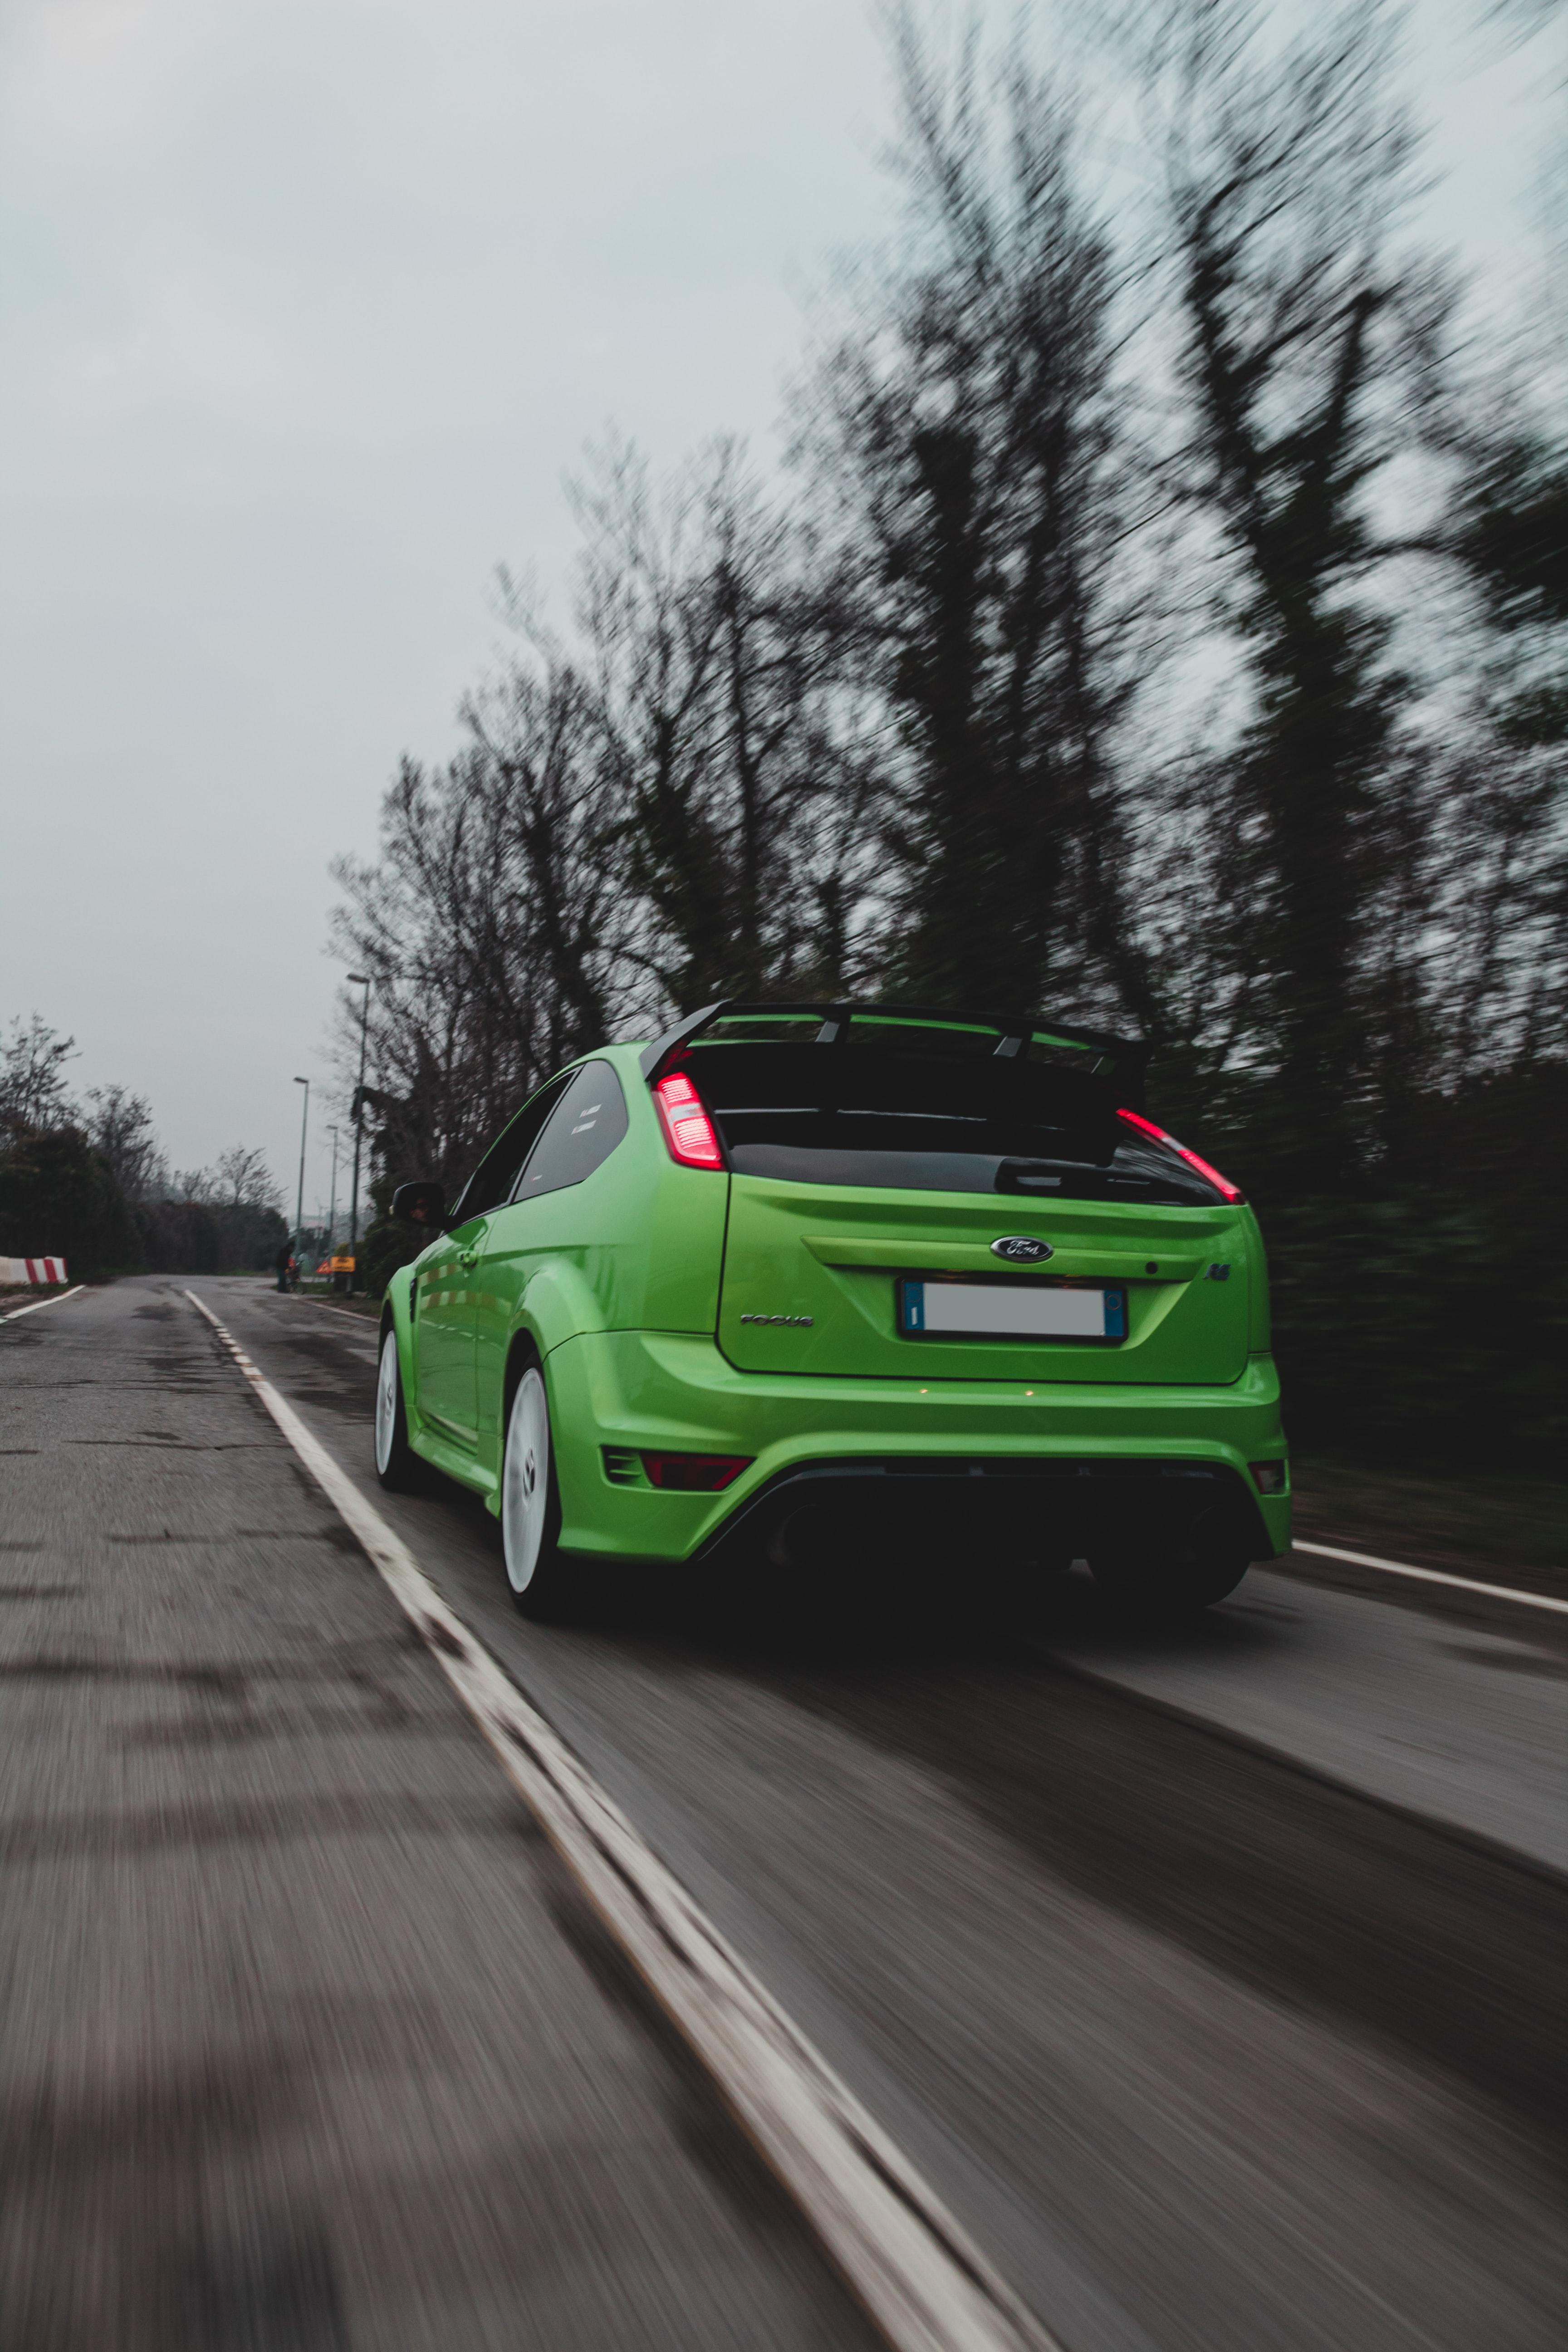 133394 Hintergrundbild herunterladen Ford, Auto, Cars, Straße, Wagen, Geschwindigkeit, Ford Focus - Bildschirmschoner und Bilder kostenlos